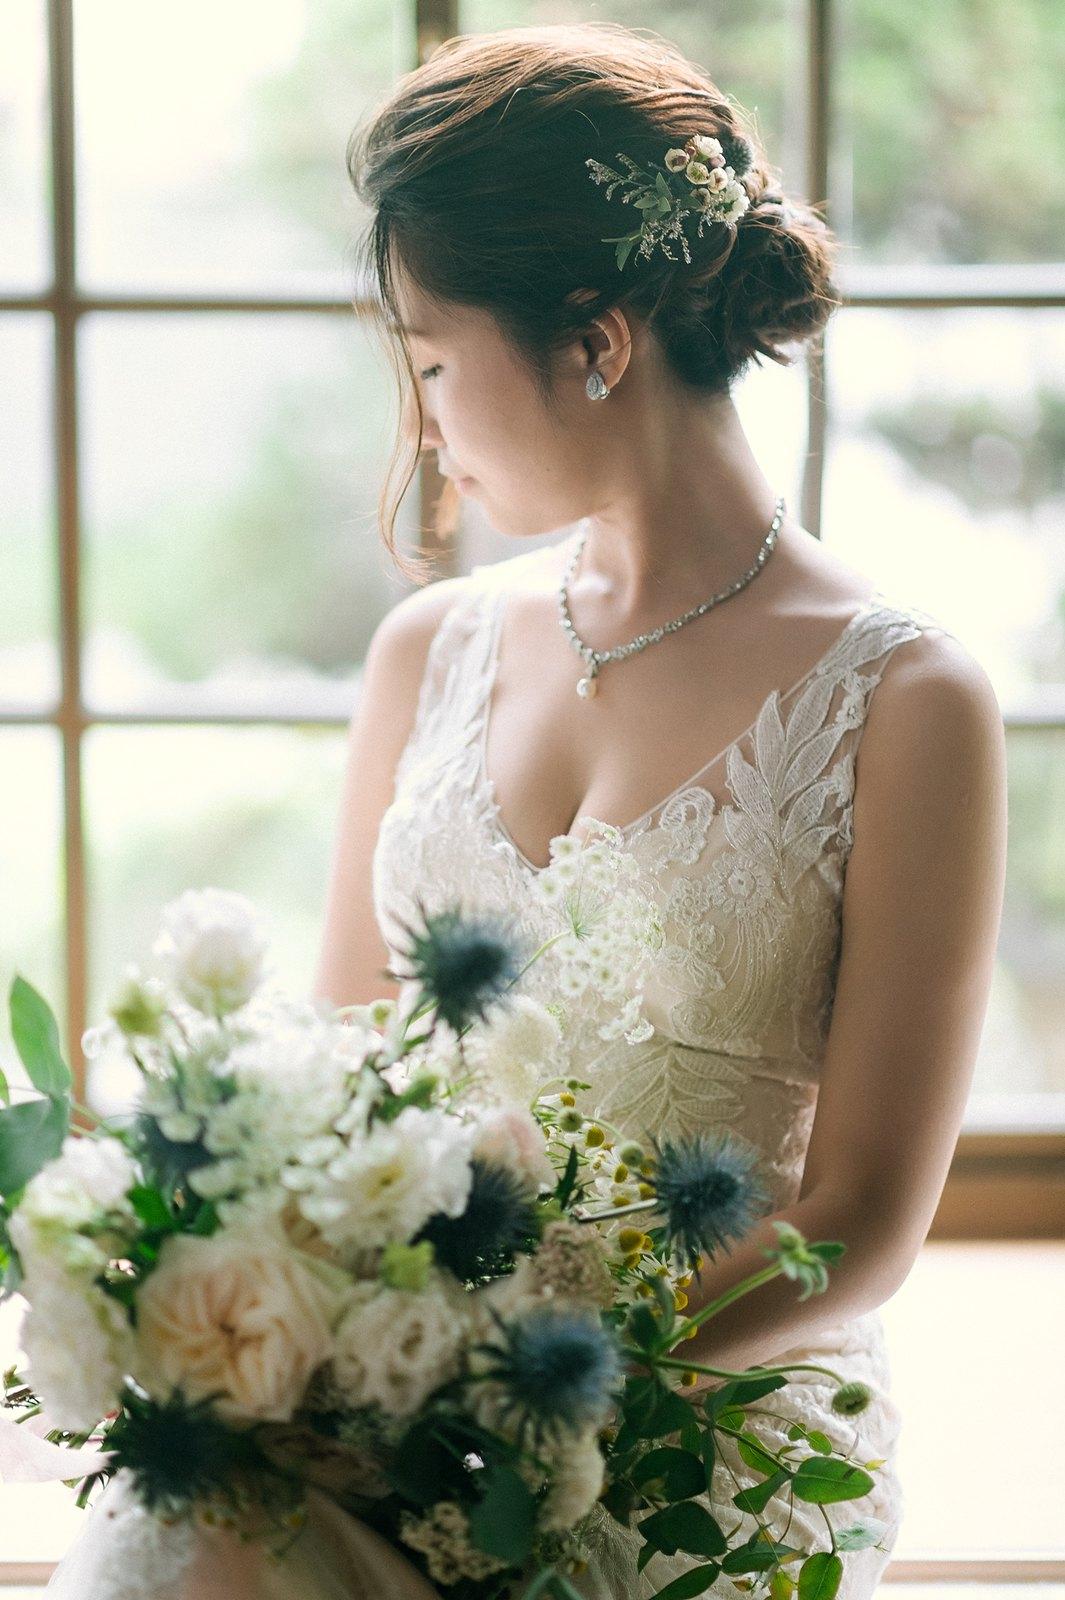 【婚攝】COT & KAI / 孫立人將軍官邸(陸軍聯誼廳)